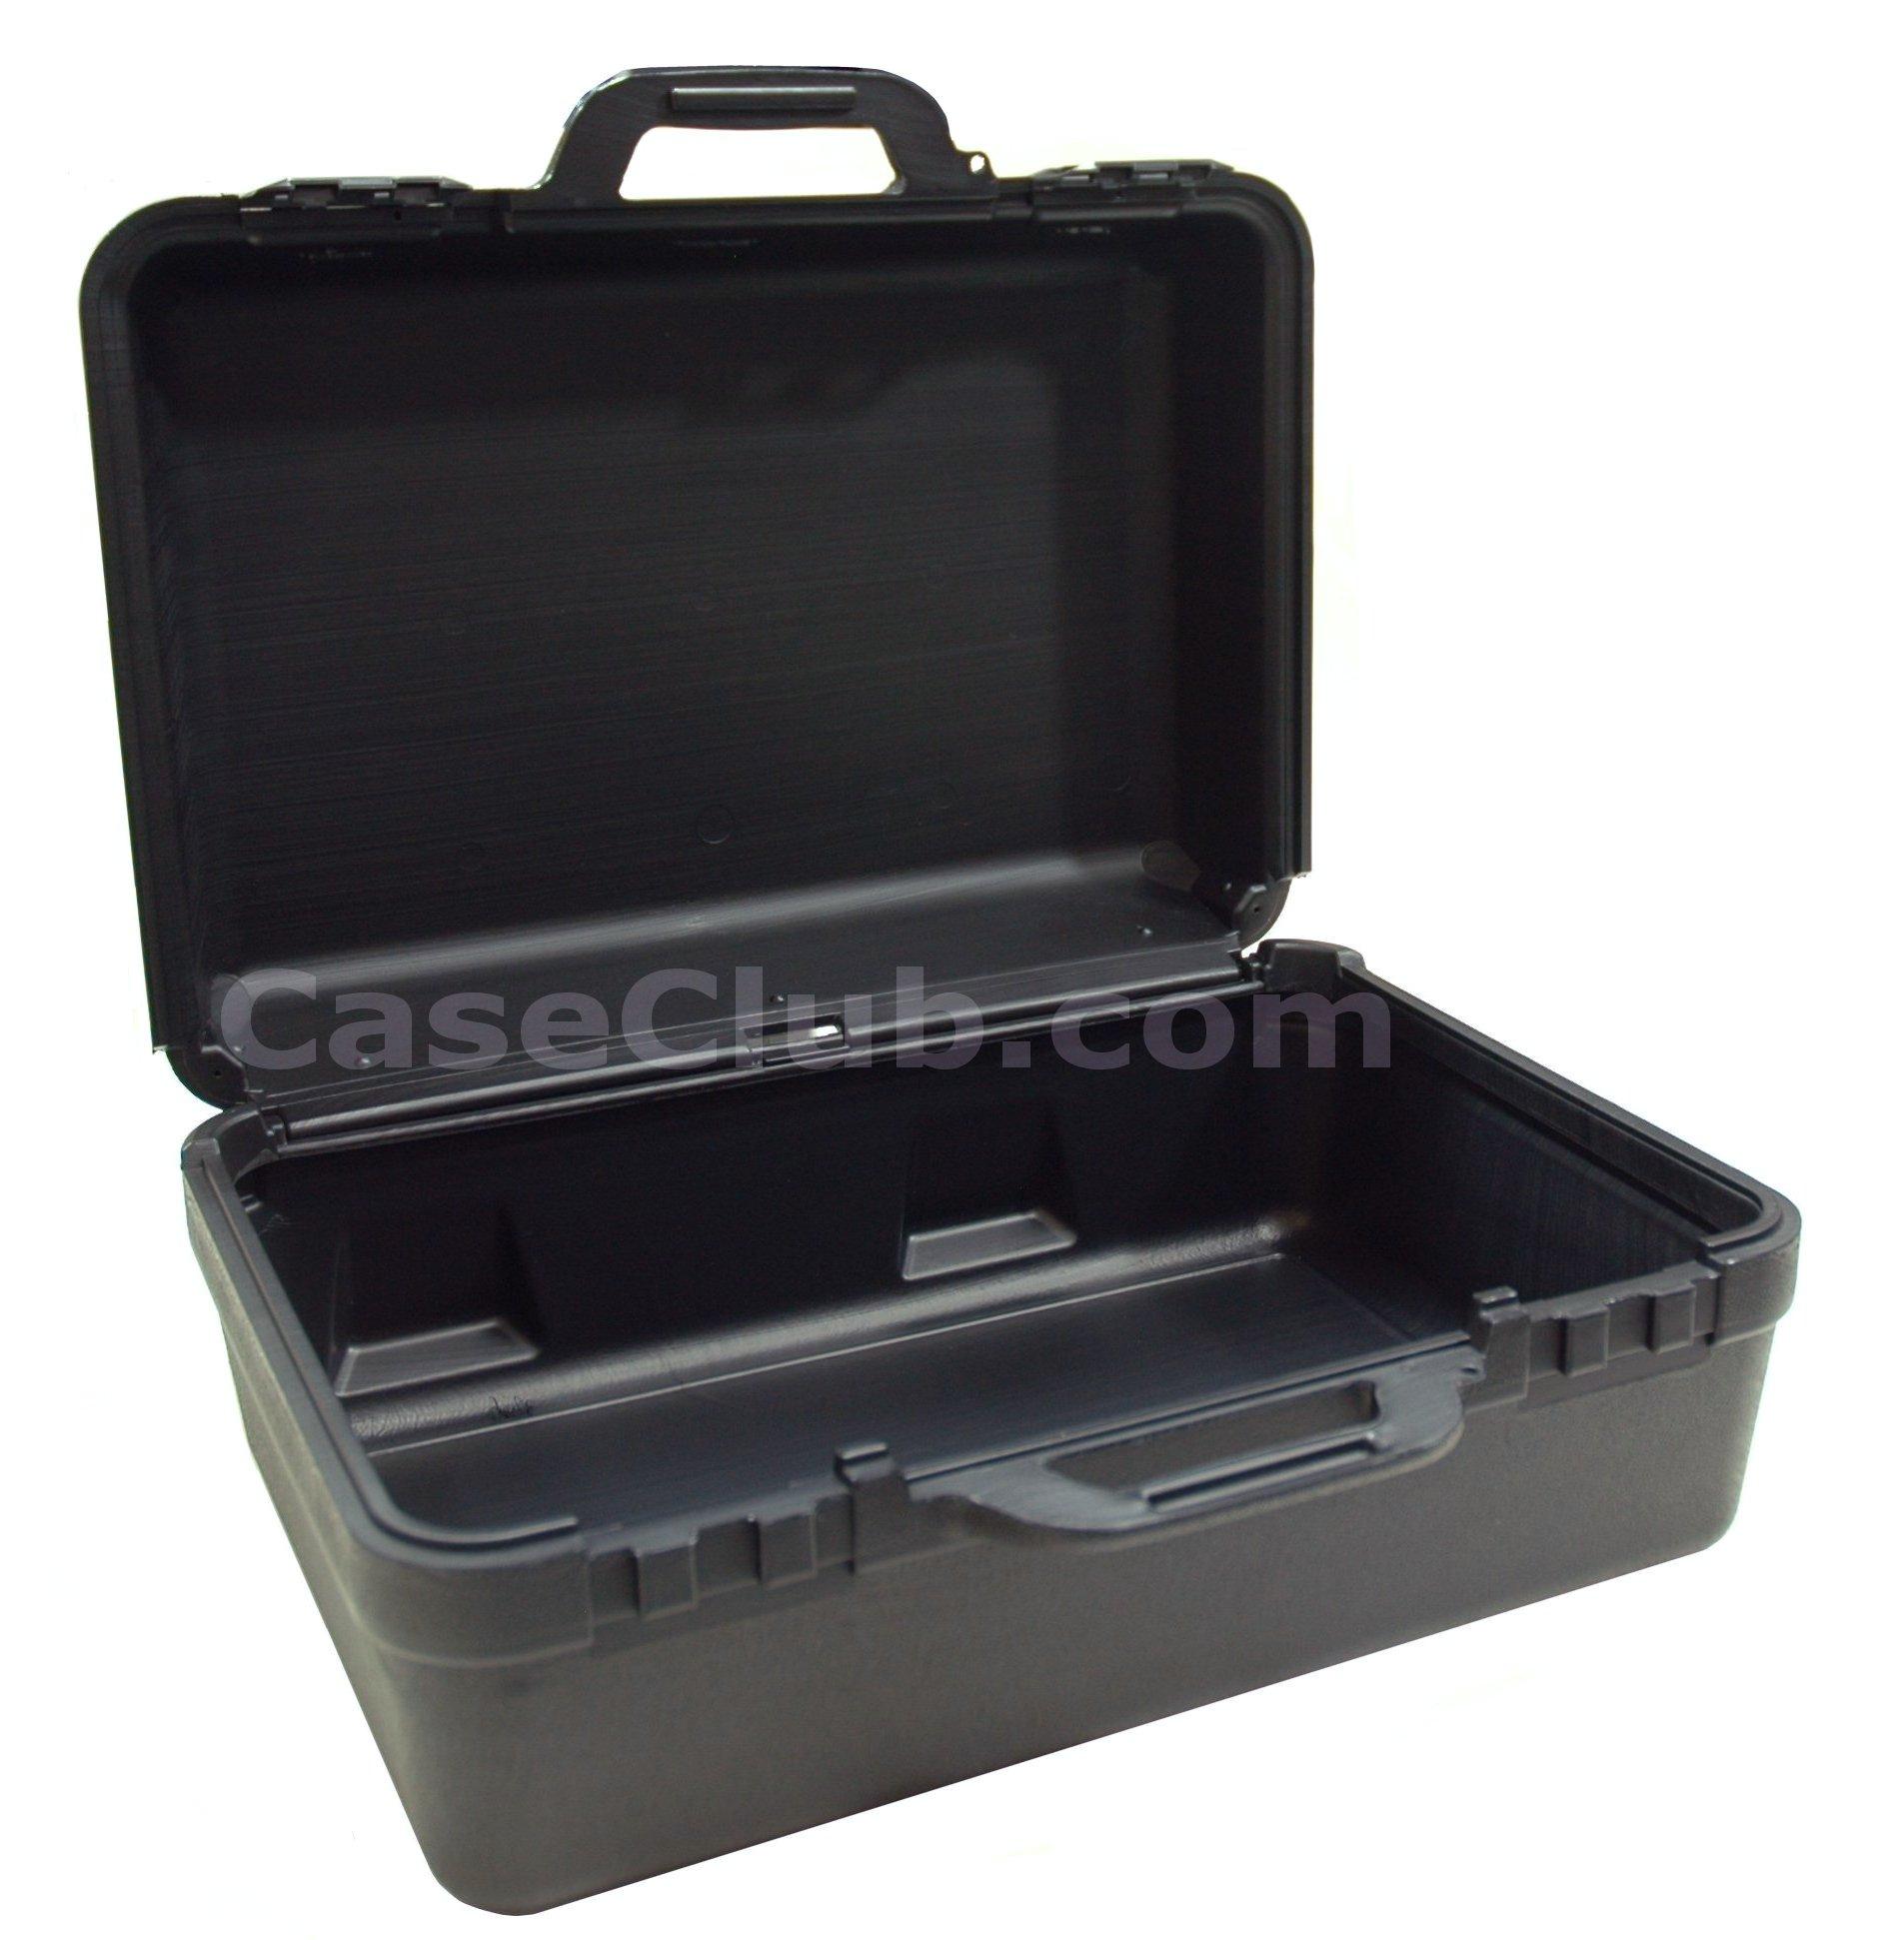 B23x16x10 Case